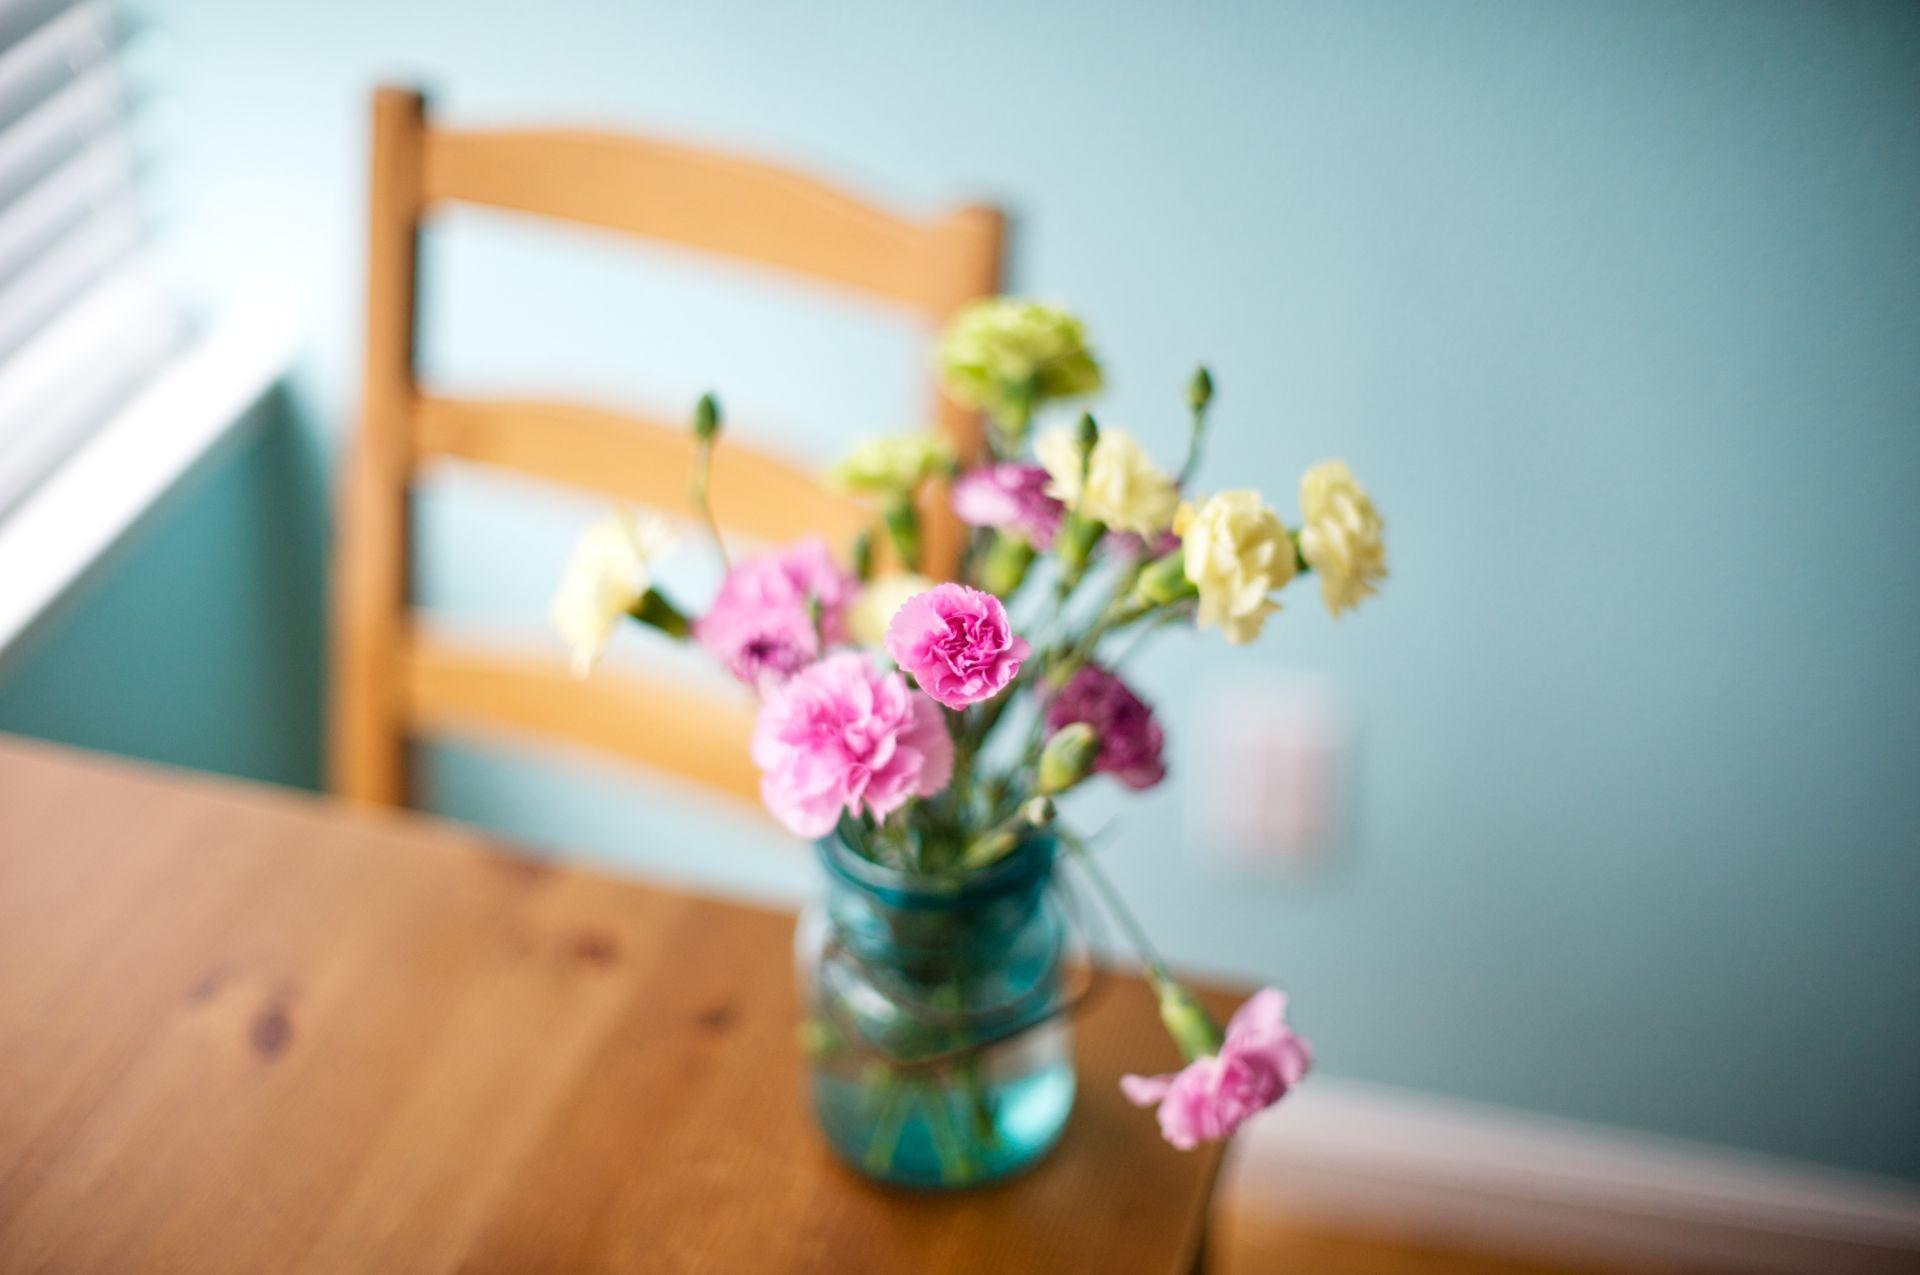 Flores en su mesita